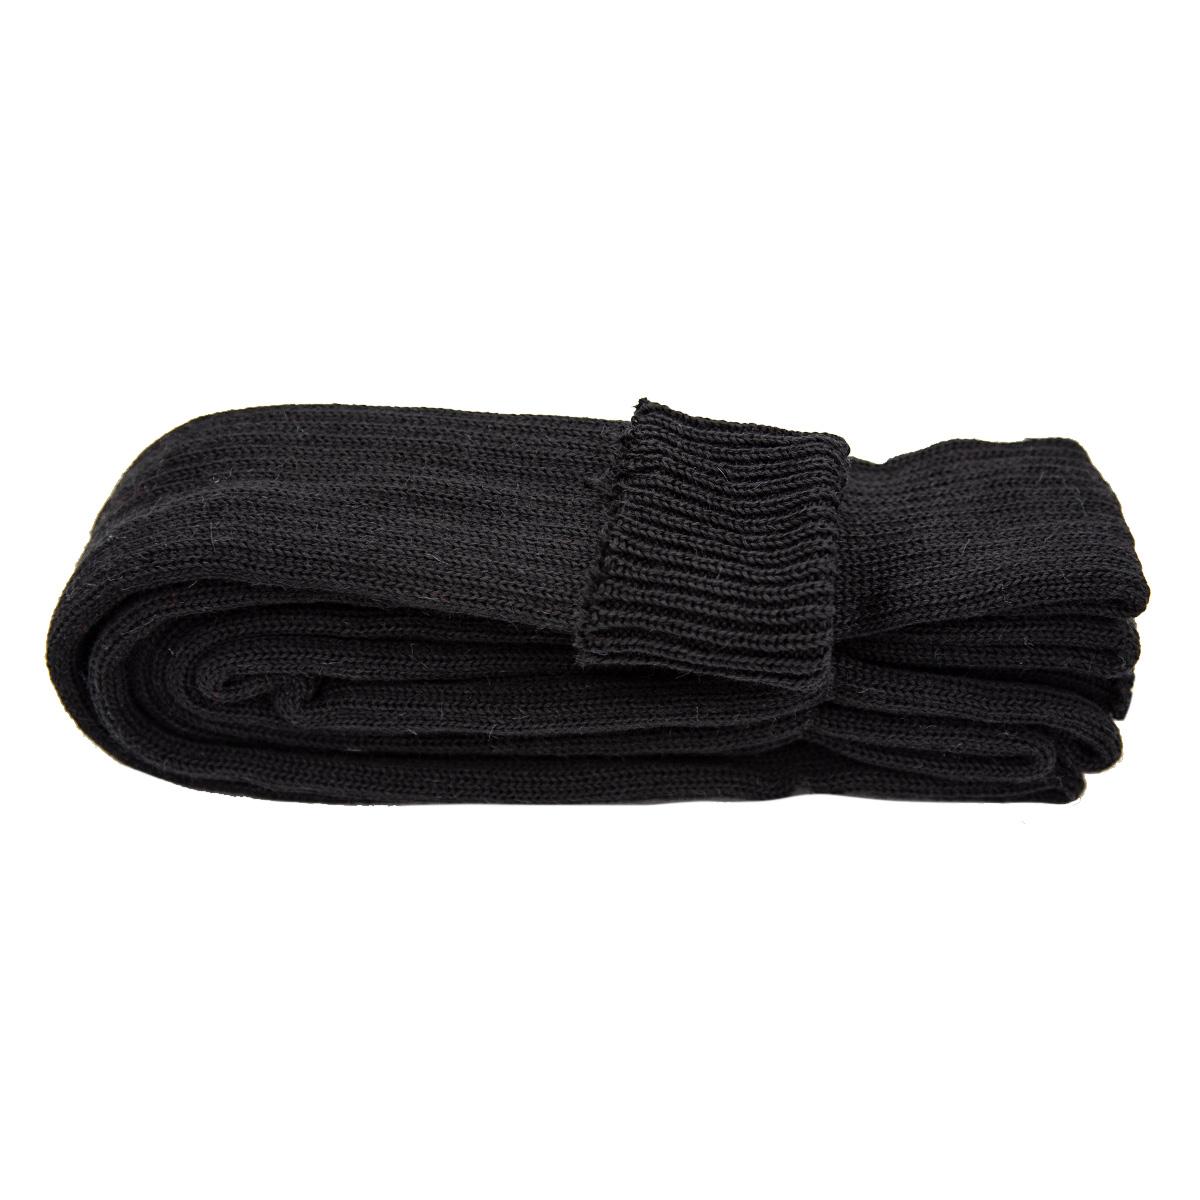 Манжет п/ш (рукав), плотный, 7 см, от 3 м (004 черный) фото